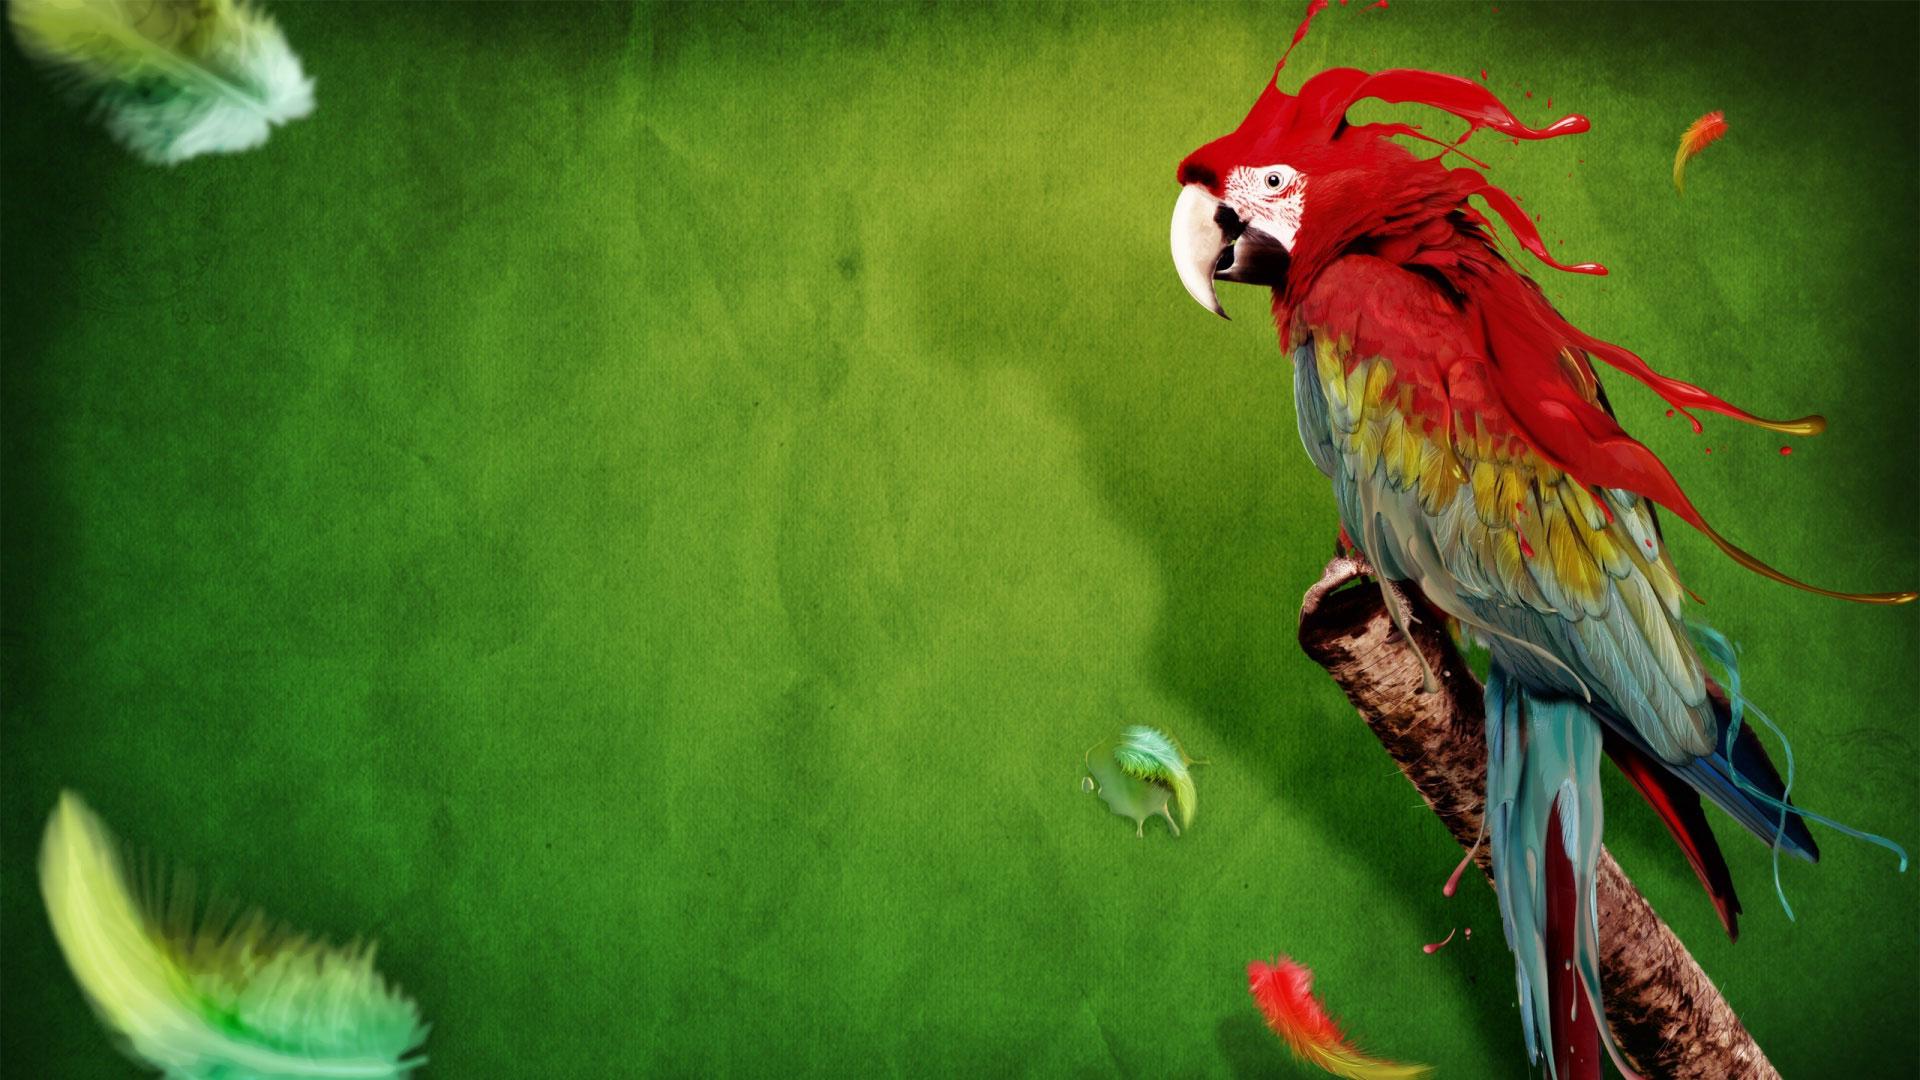 зеленые обои для рабочего стола, green wallpaper, красный попугай на зеленом фоне